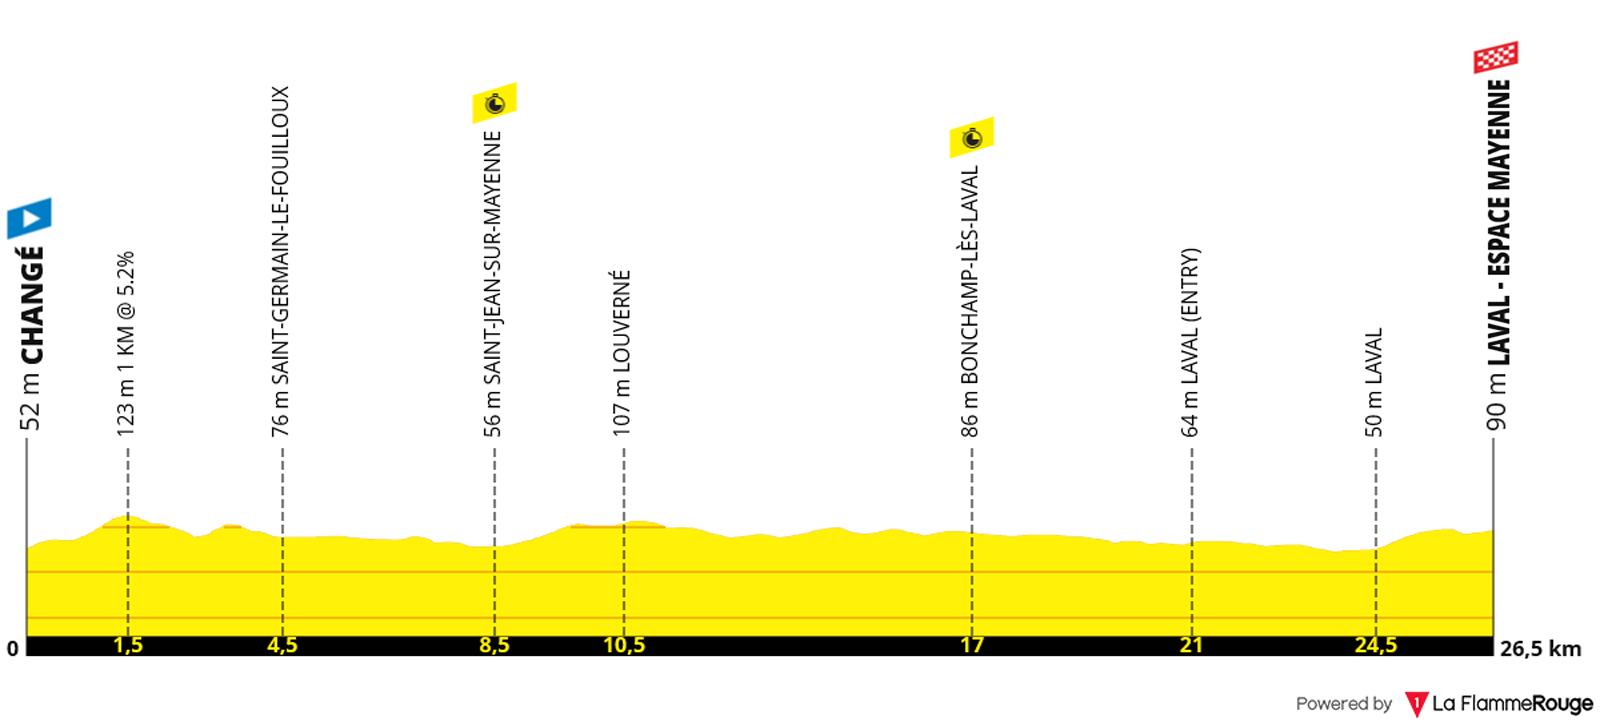 Perfil Etapa 05 - Tour de Francia 2021 - Contrareloj